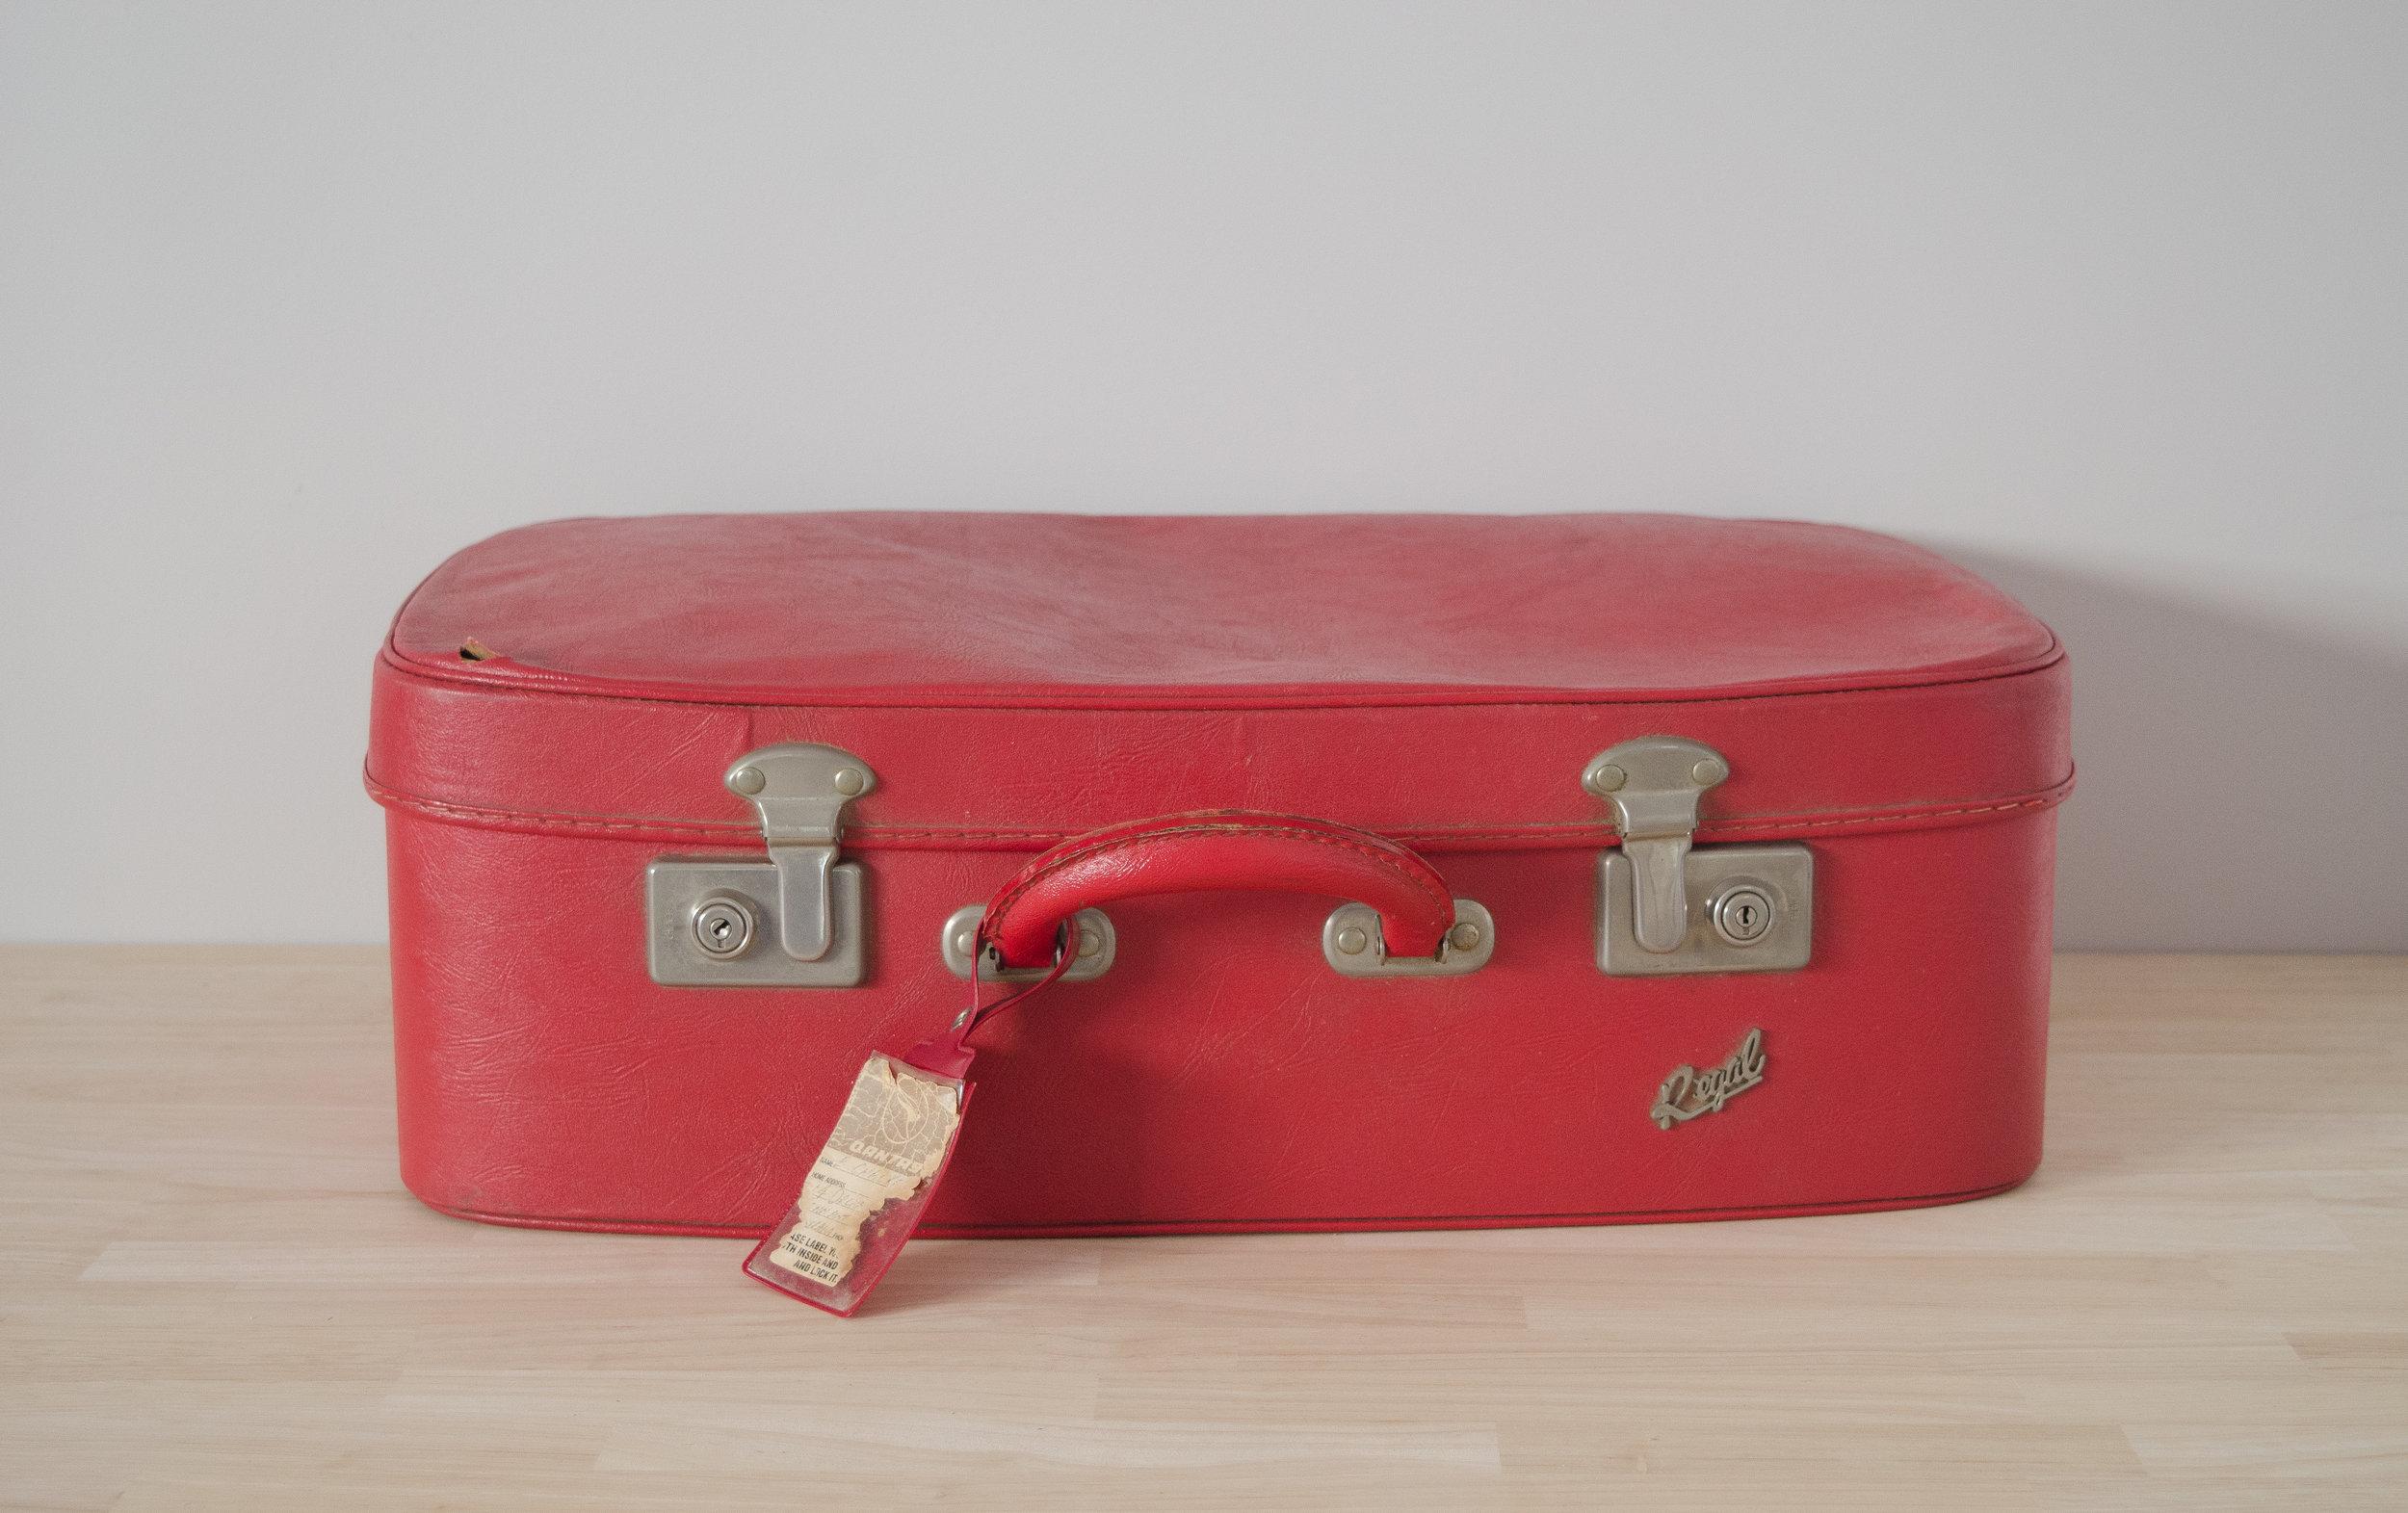 Abagail Suitcase - MEDIUM   $10.00 (3-day Hire)                                                  Quantity: 1